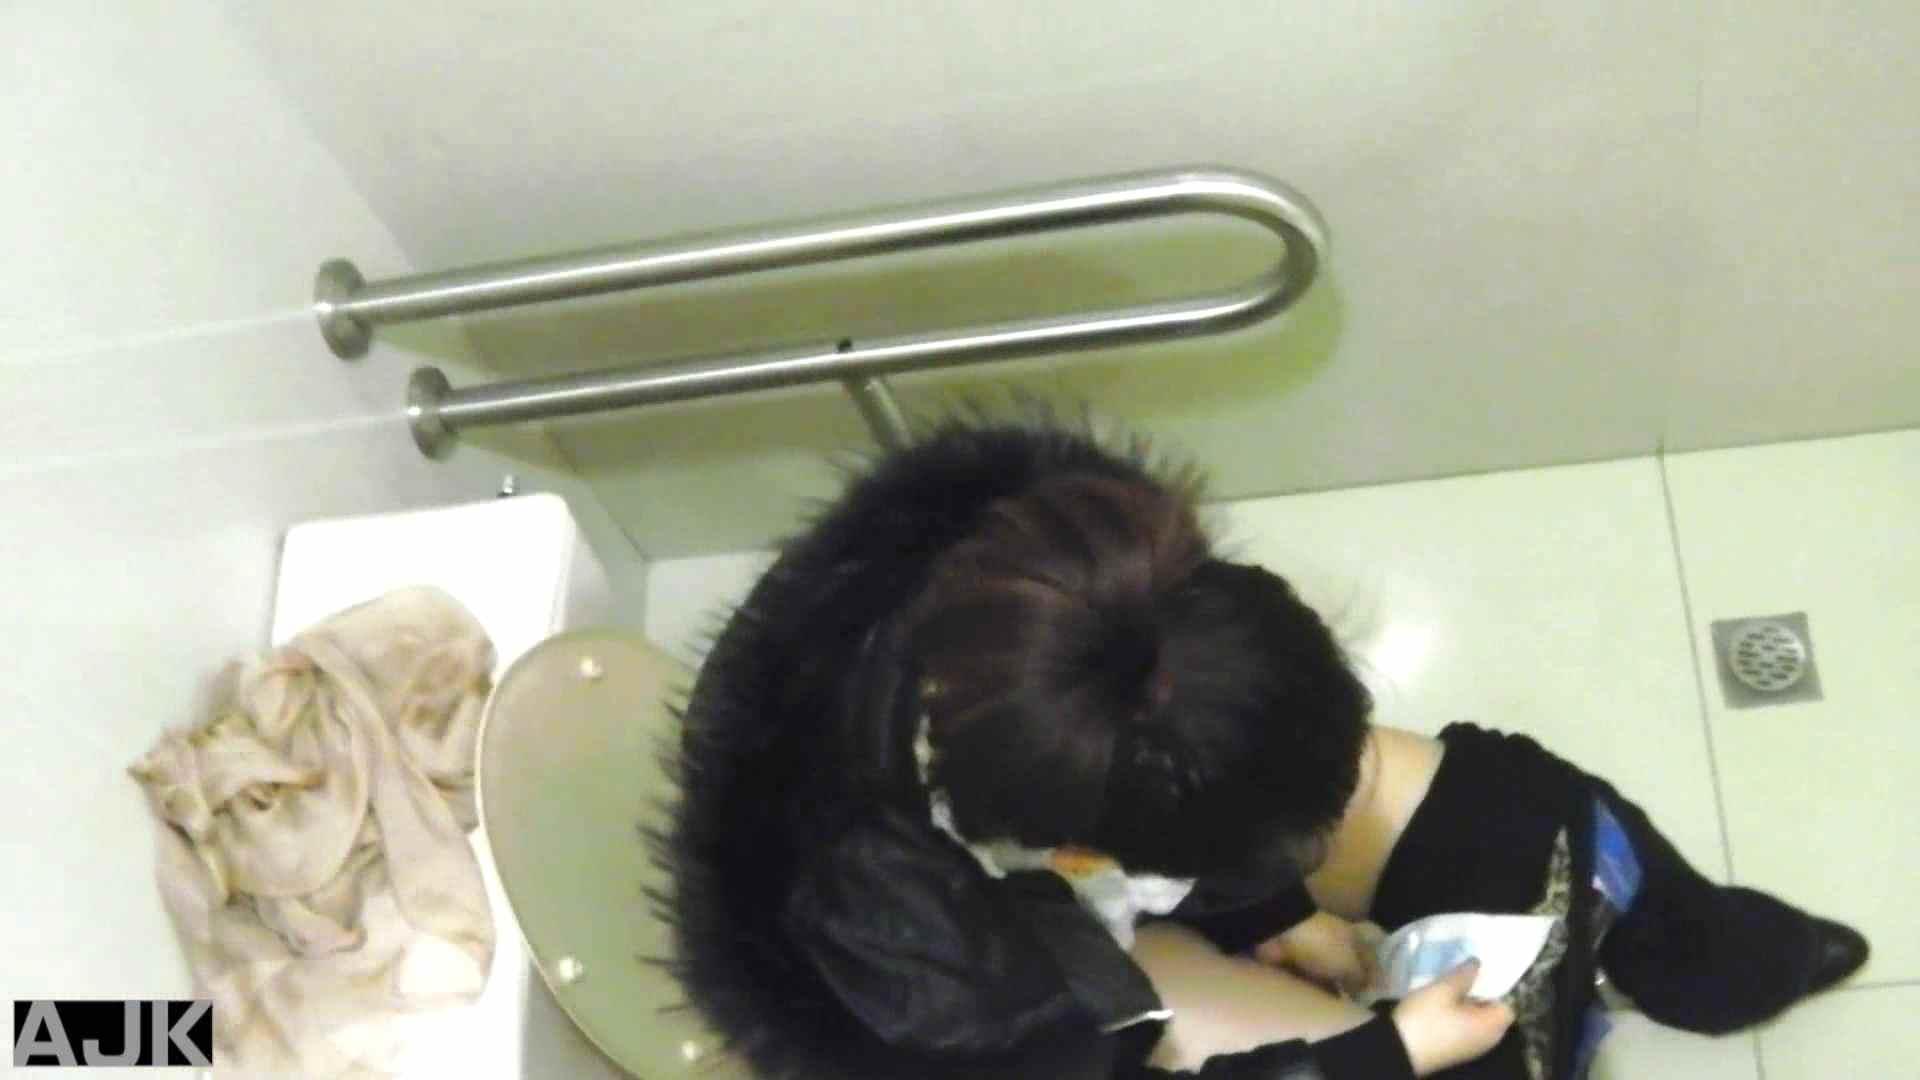 隣国上階級エリアの令嬢たちが集うデパートお手洗い Vol.19 便所で・・・  36画像 22